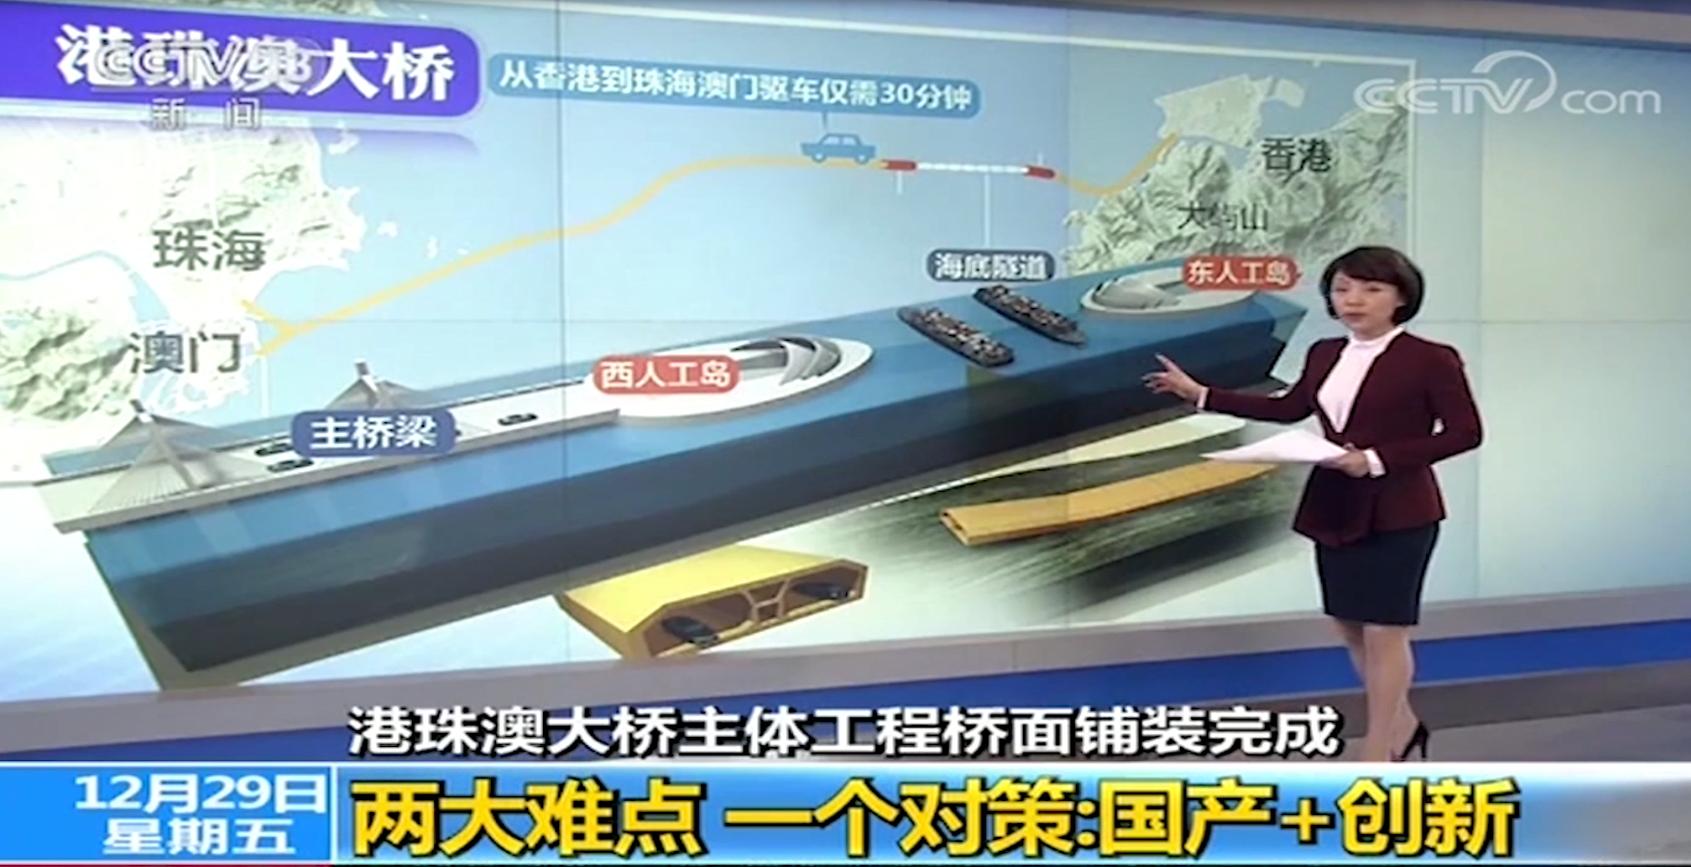 """港珠澳大桥号"""" 解决岛隧路面摊铺两大技术难题"""